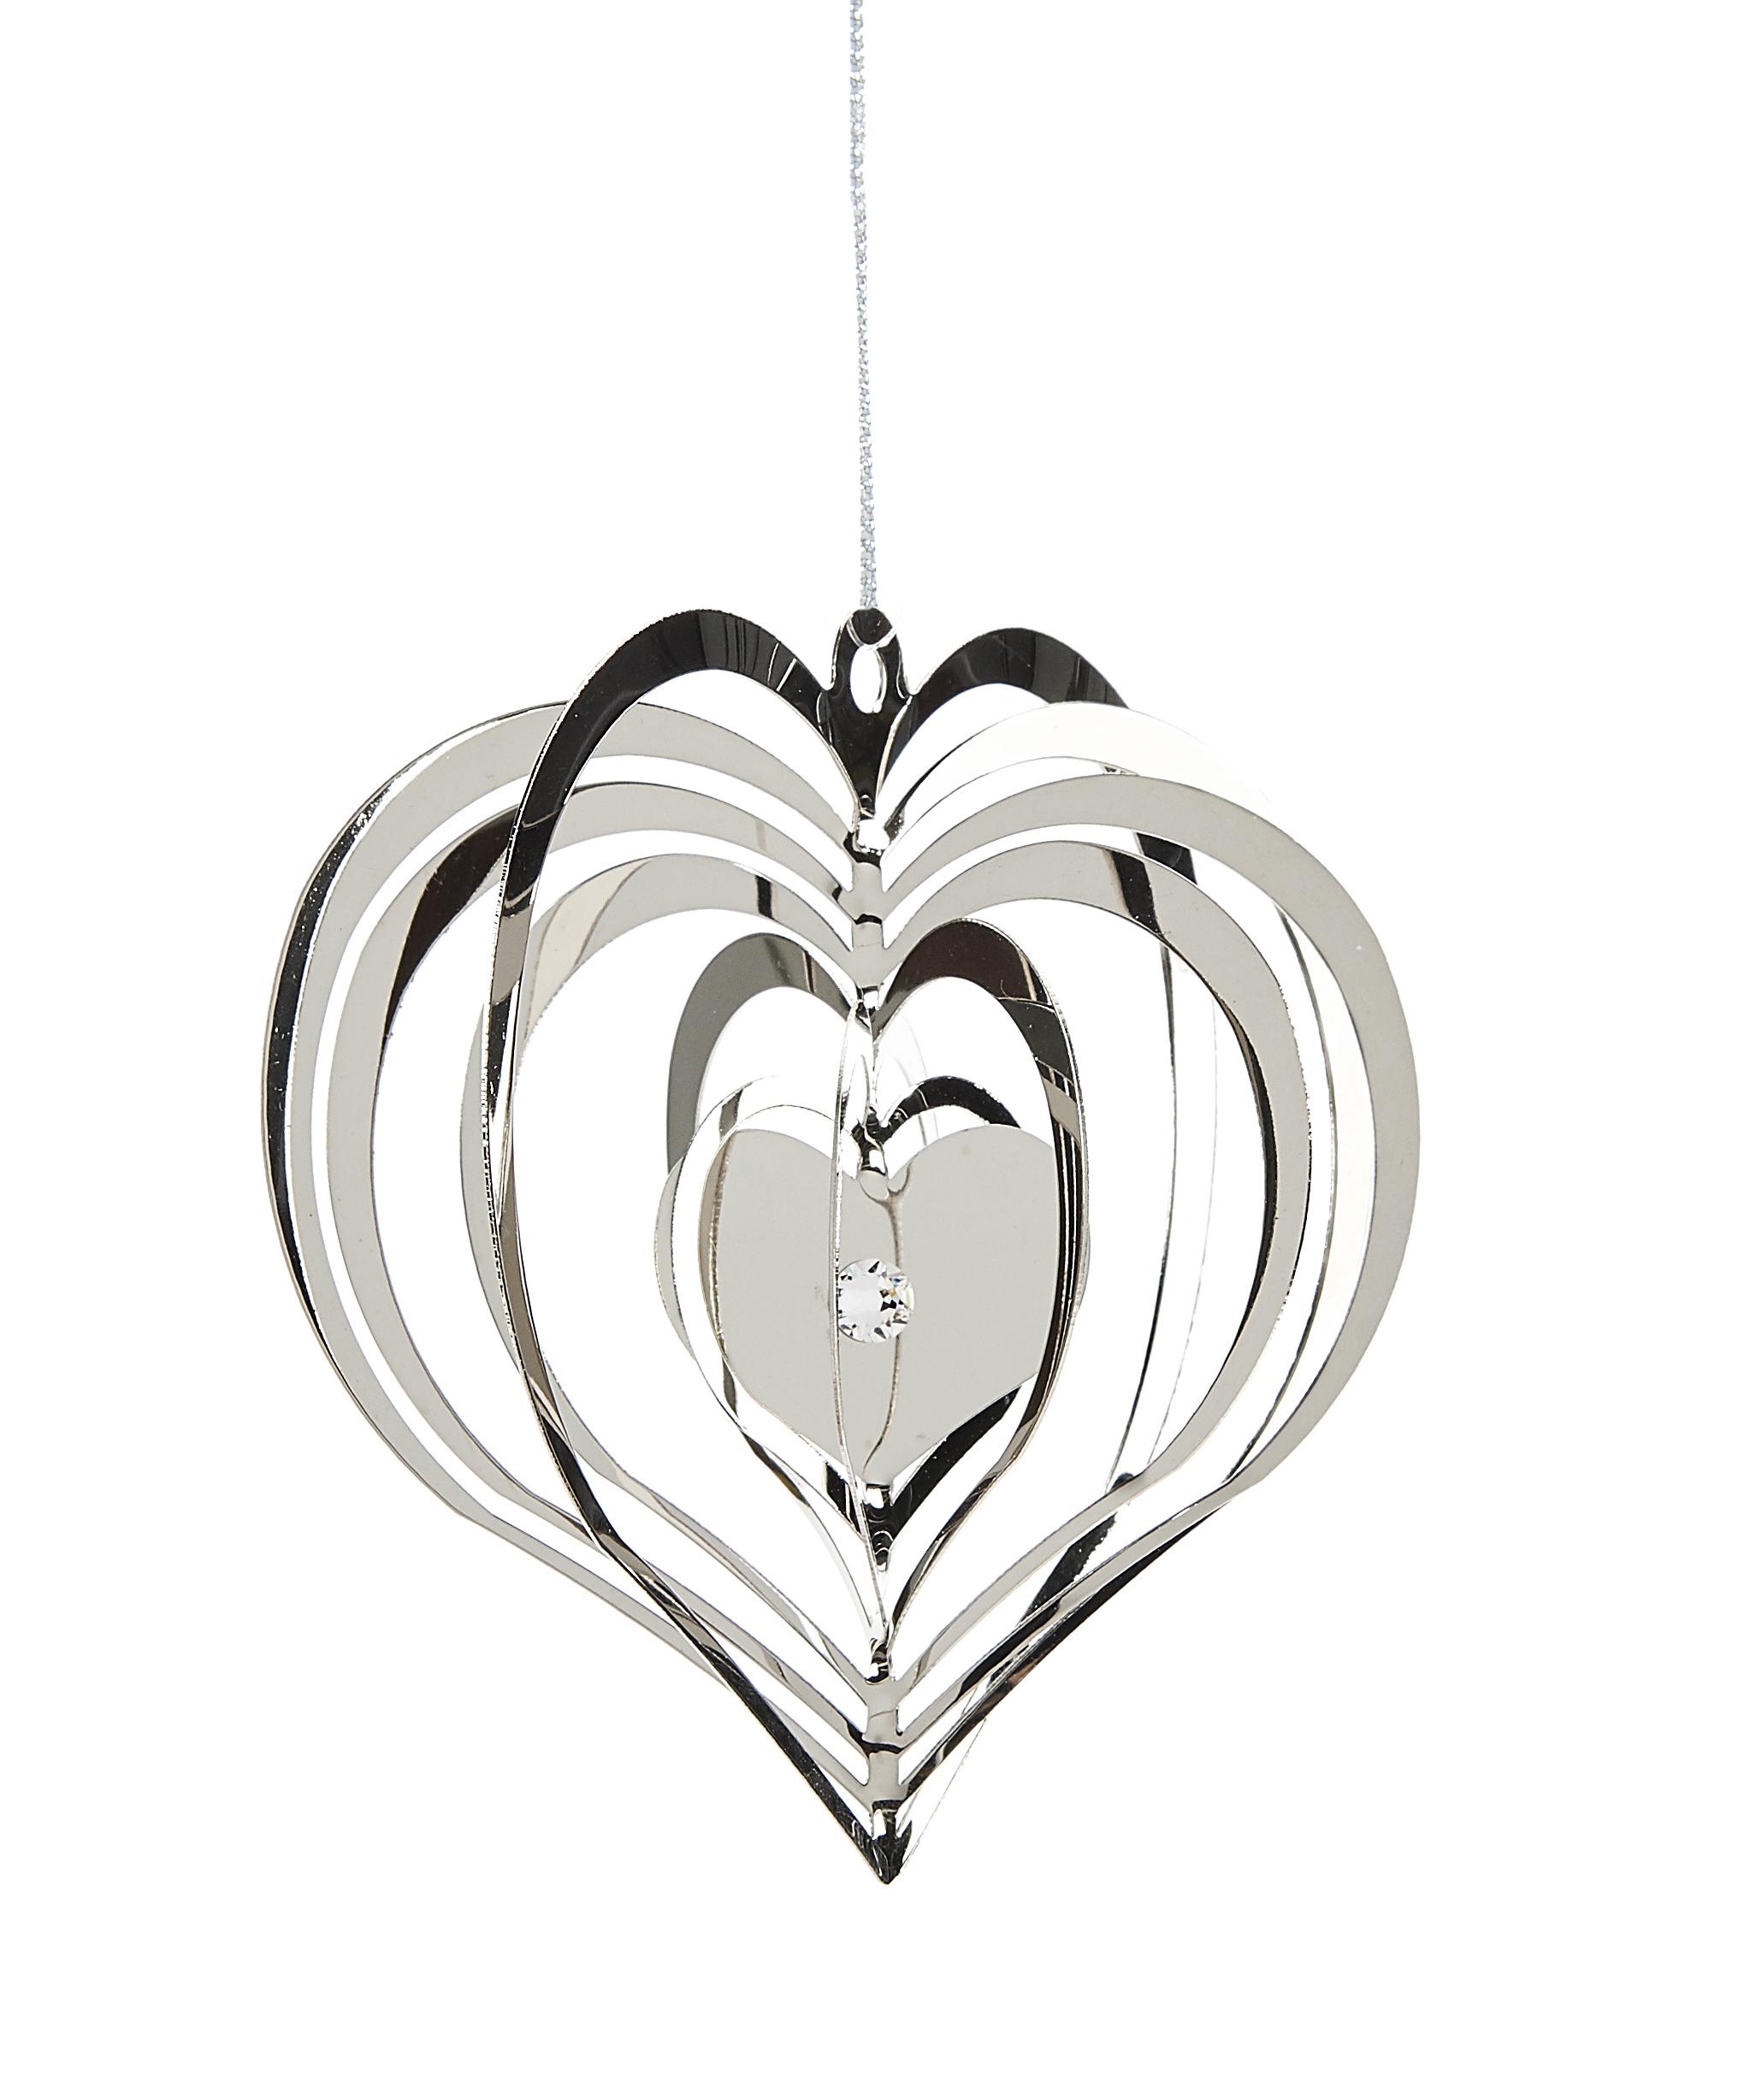 3D Metal Heart Ornament